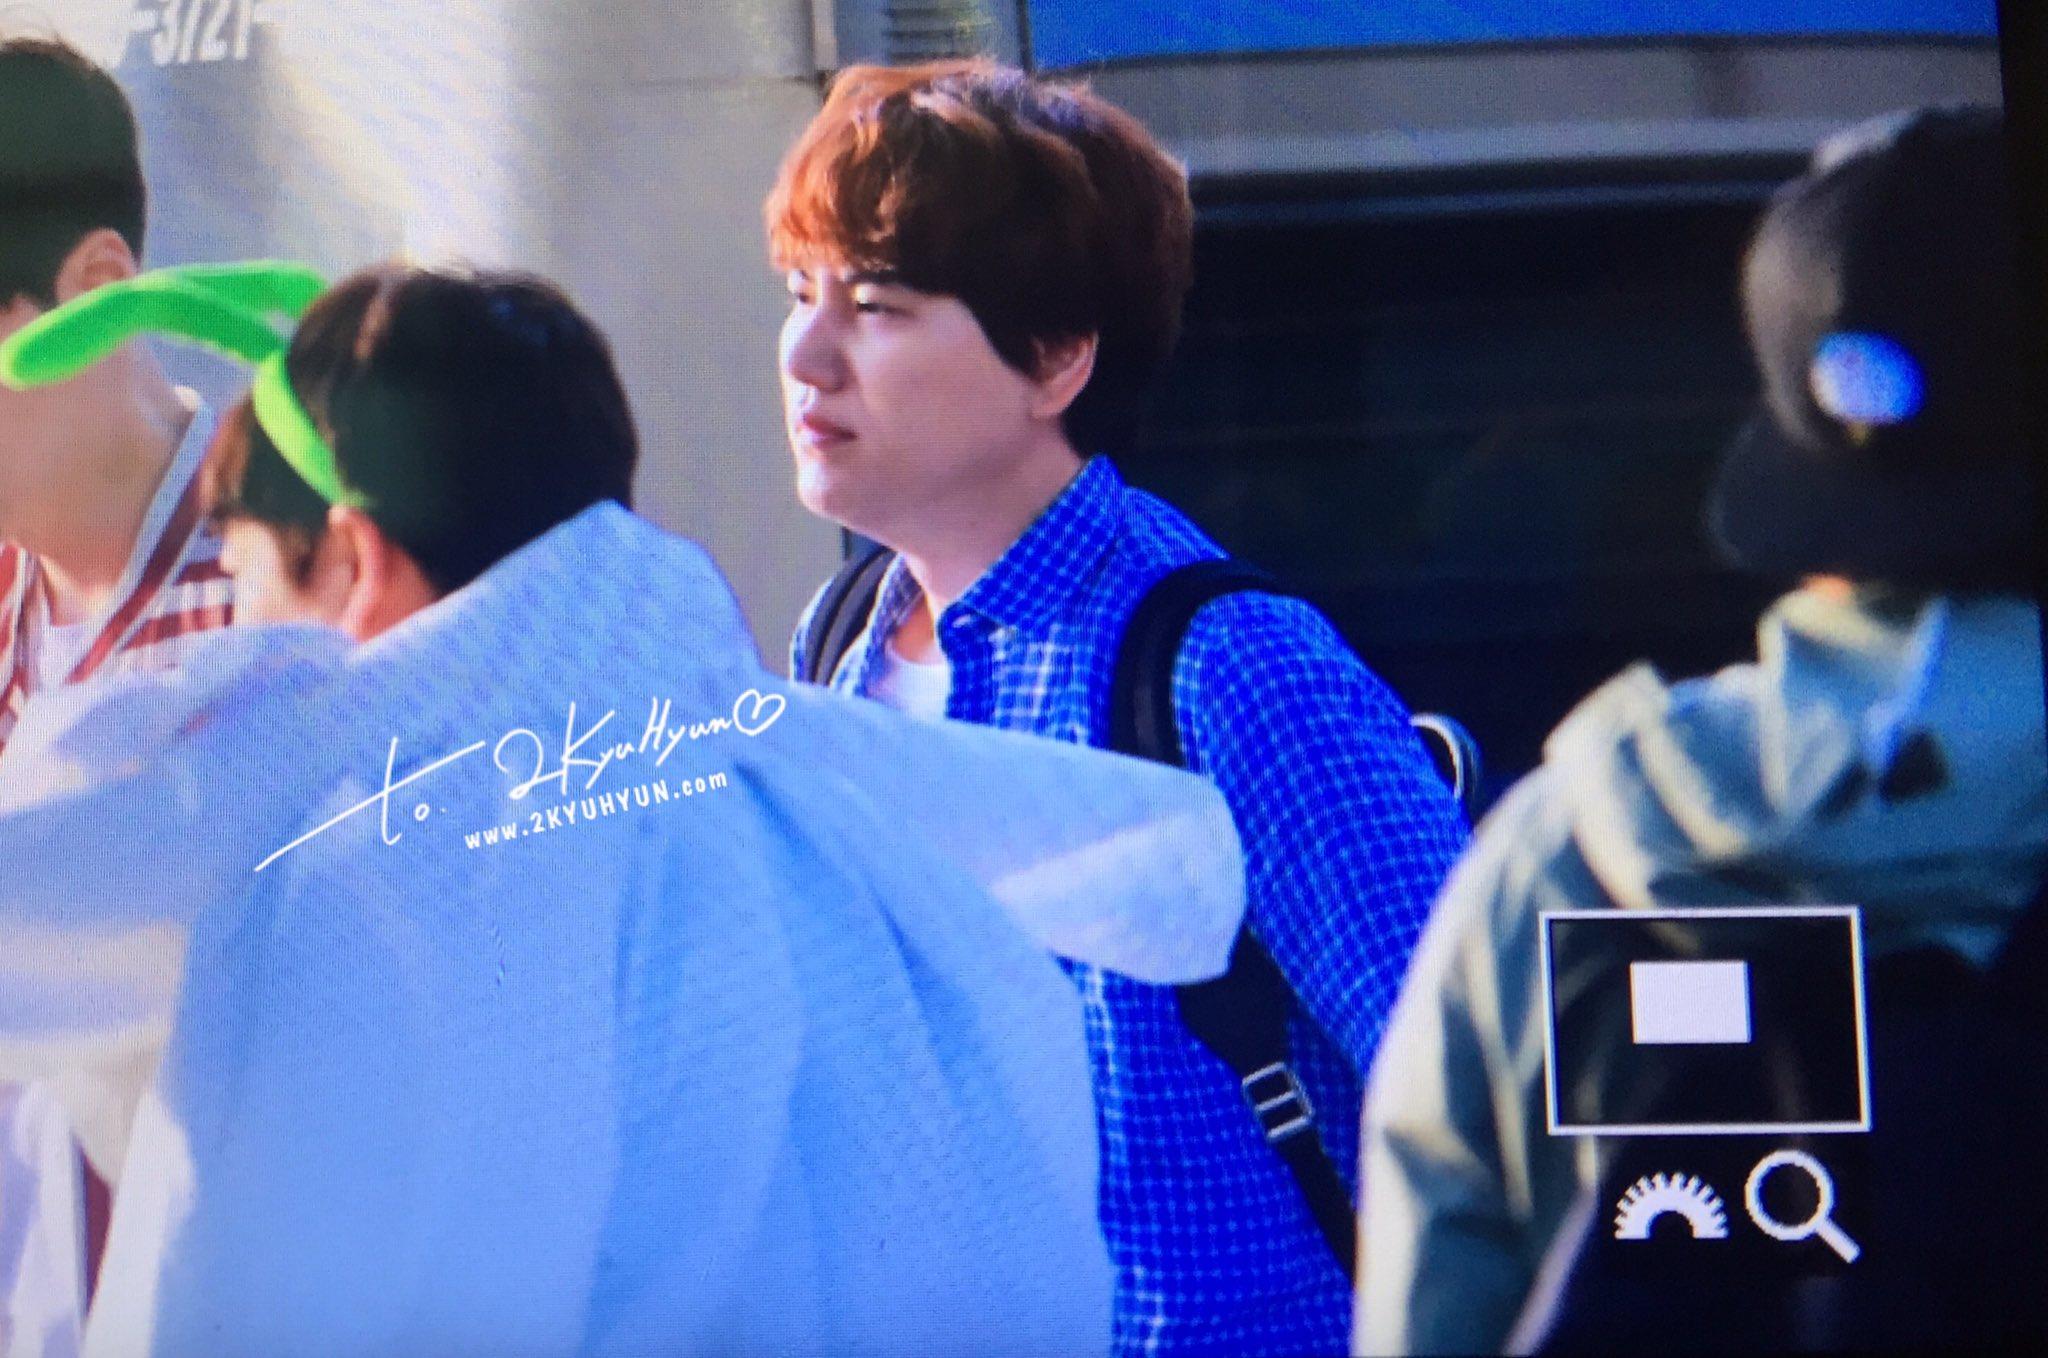 170507 신서유기 인천공항 출국 :) #Kyuhyun at ICN Airport ❤ (1) cr. @2kyuhyun https://t.co/BAFWlpNSv8